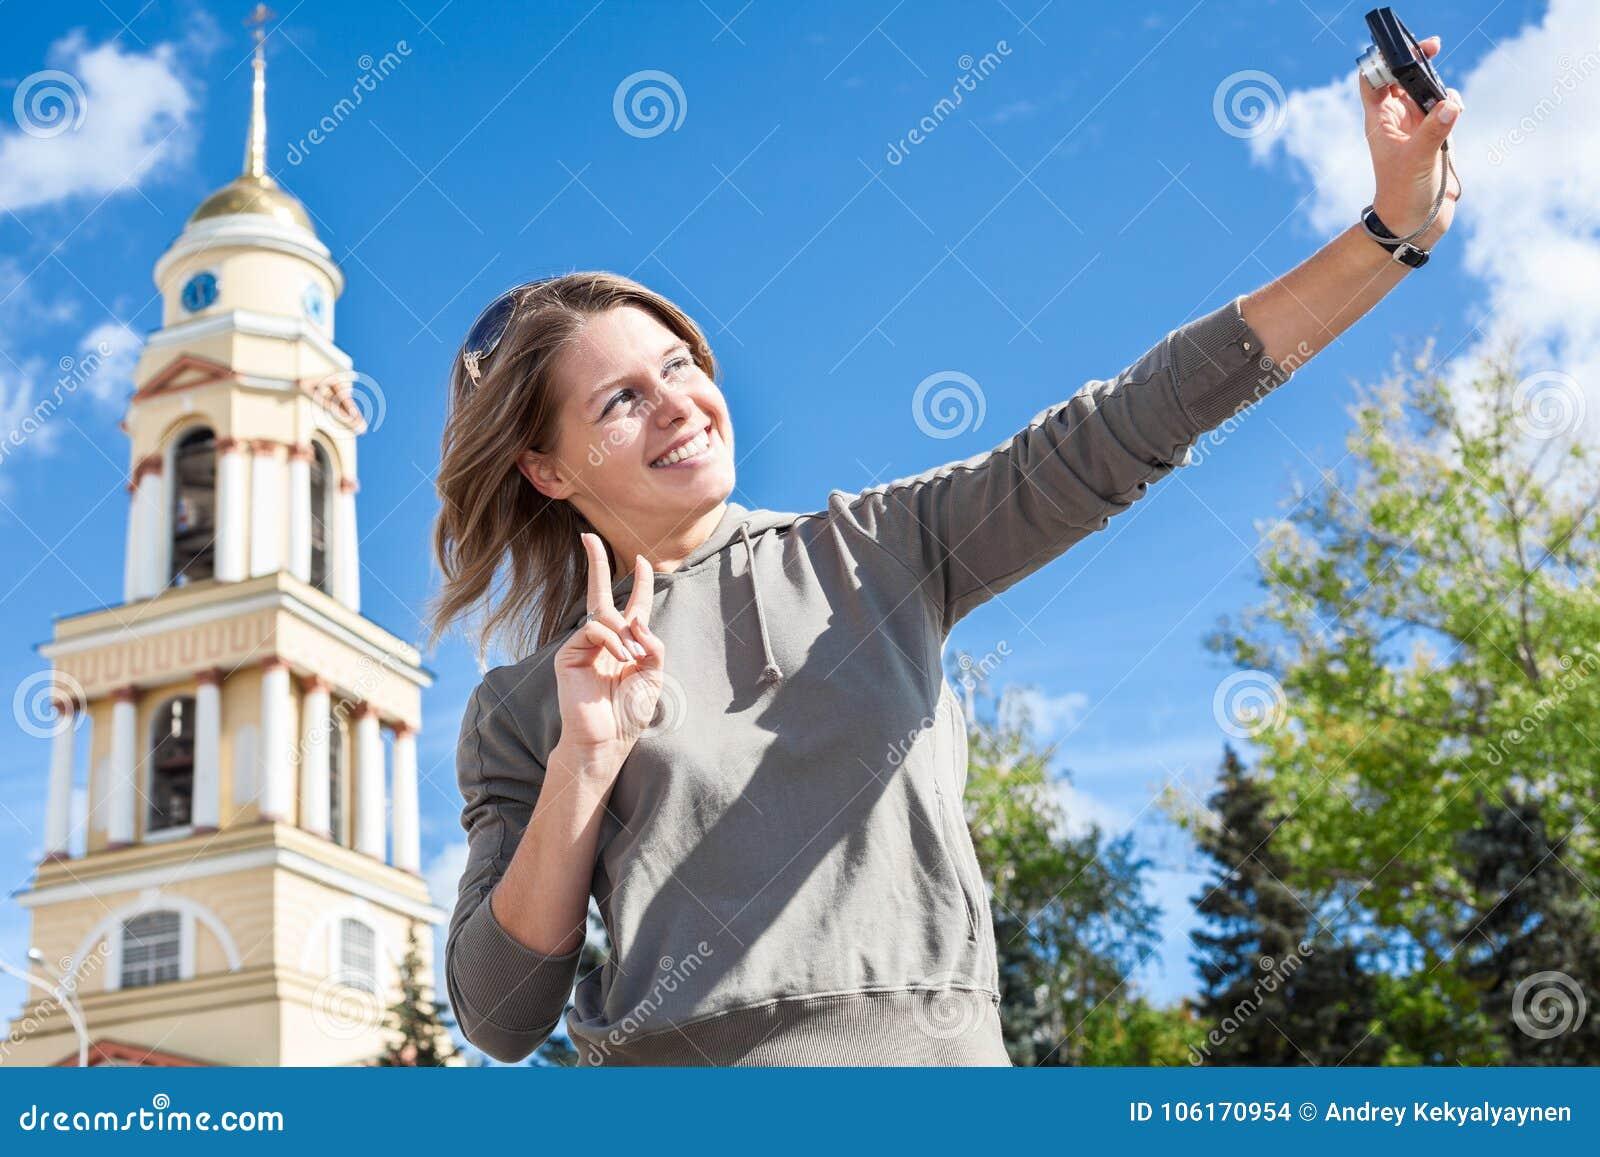 Mujer europea sonriente de los jóvenes que toma la imagen del autorretrato con la cámara fácilmente manejada contra el campanario